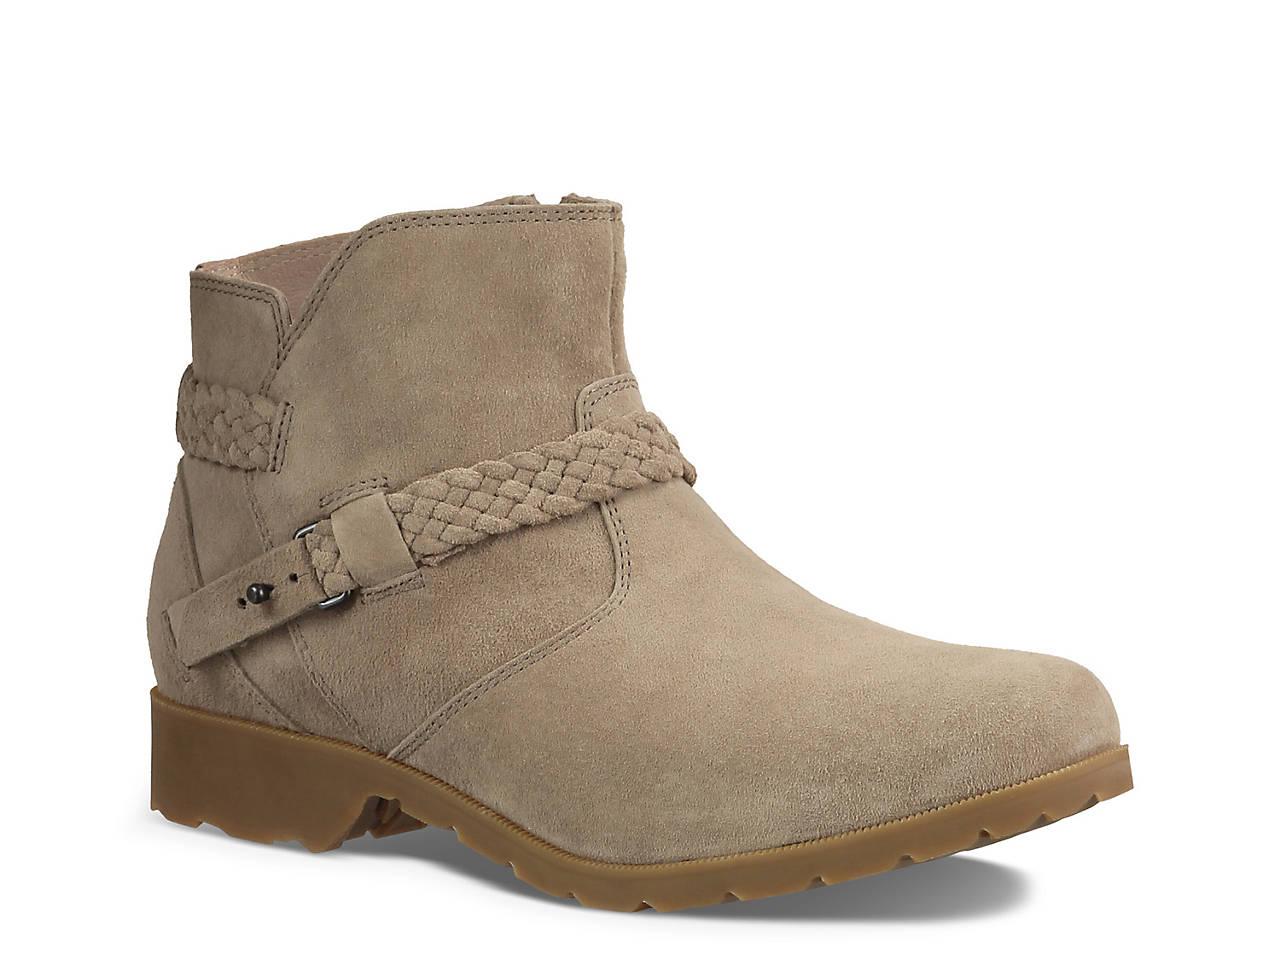 8e6886917207f5 Teva De La Vina Ankle Bootie Women s Shoes